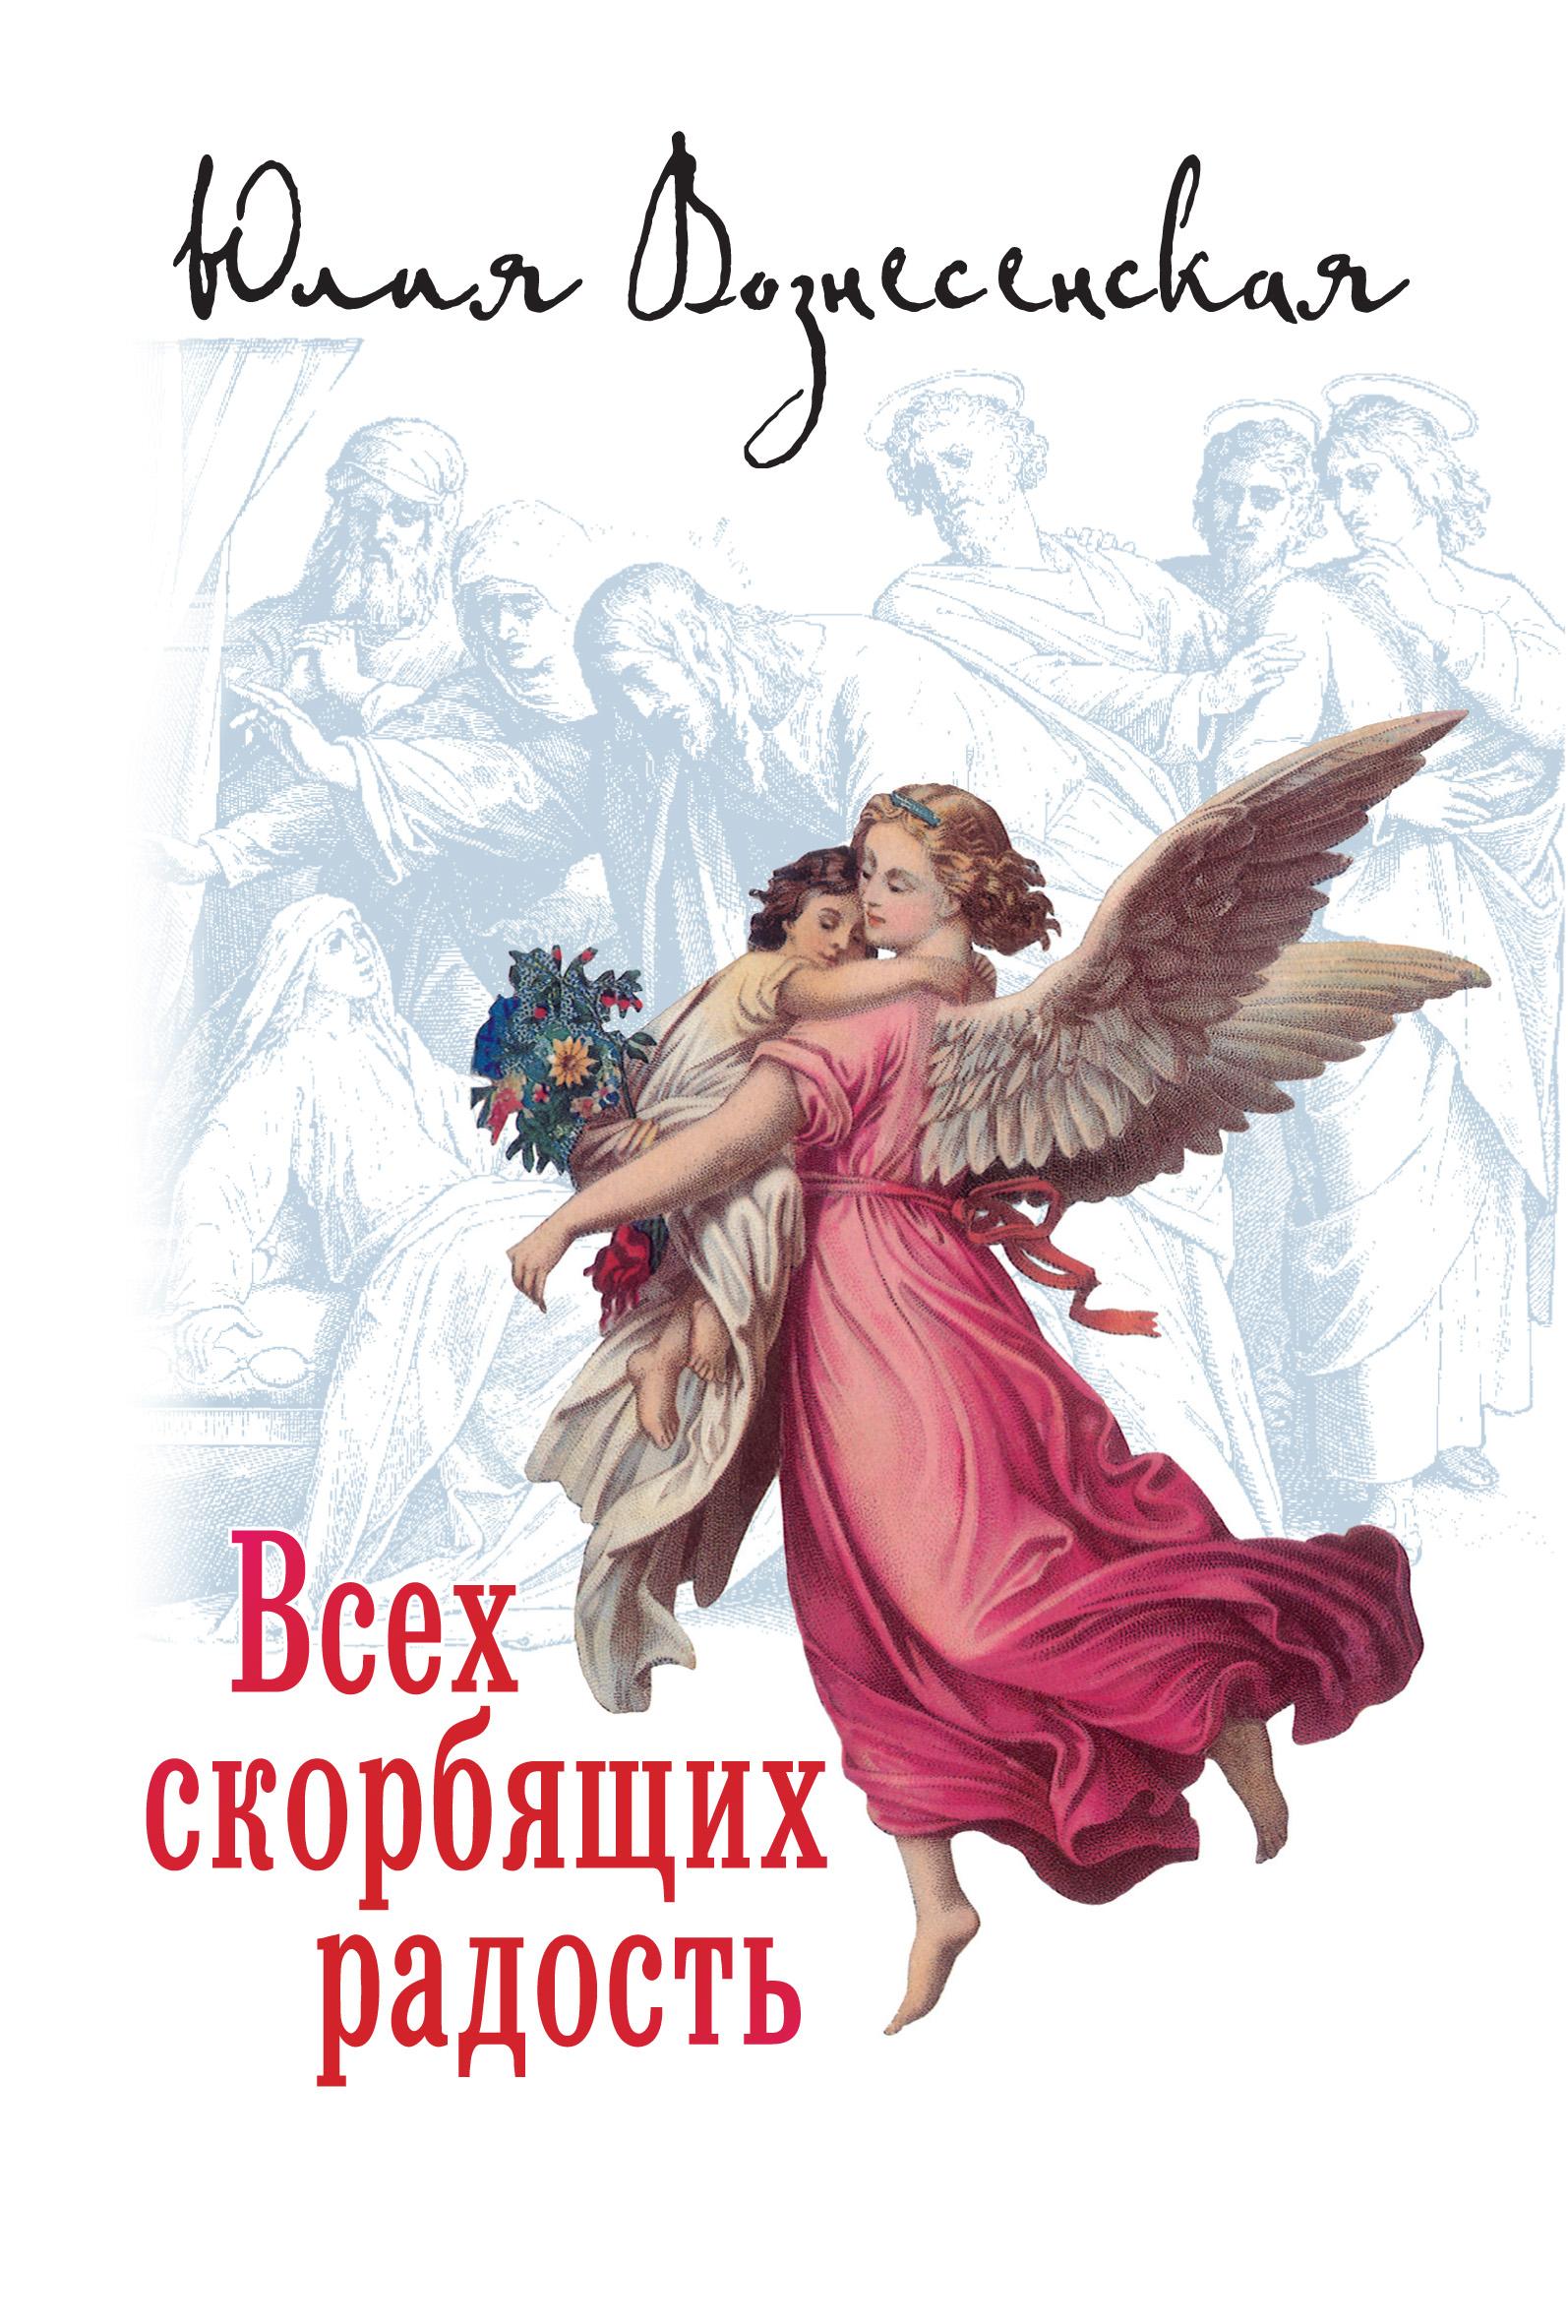 Юлия Вознесенская Всех скорбящих Радость (сборник) всех скорбящих радость сборник рассказов